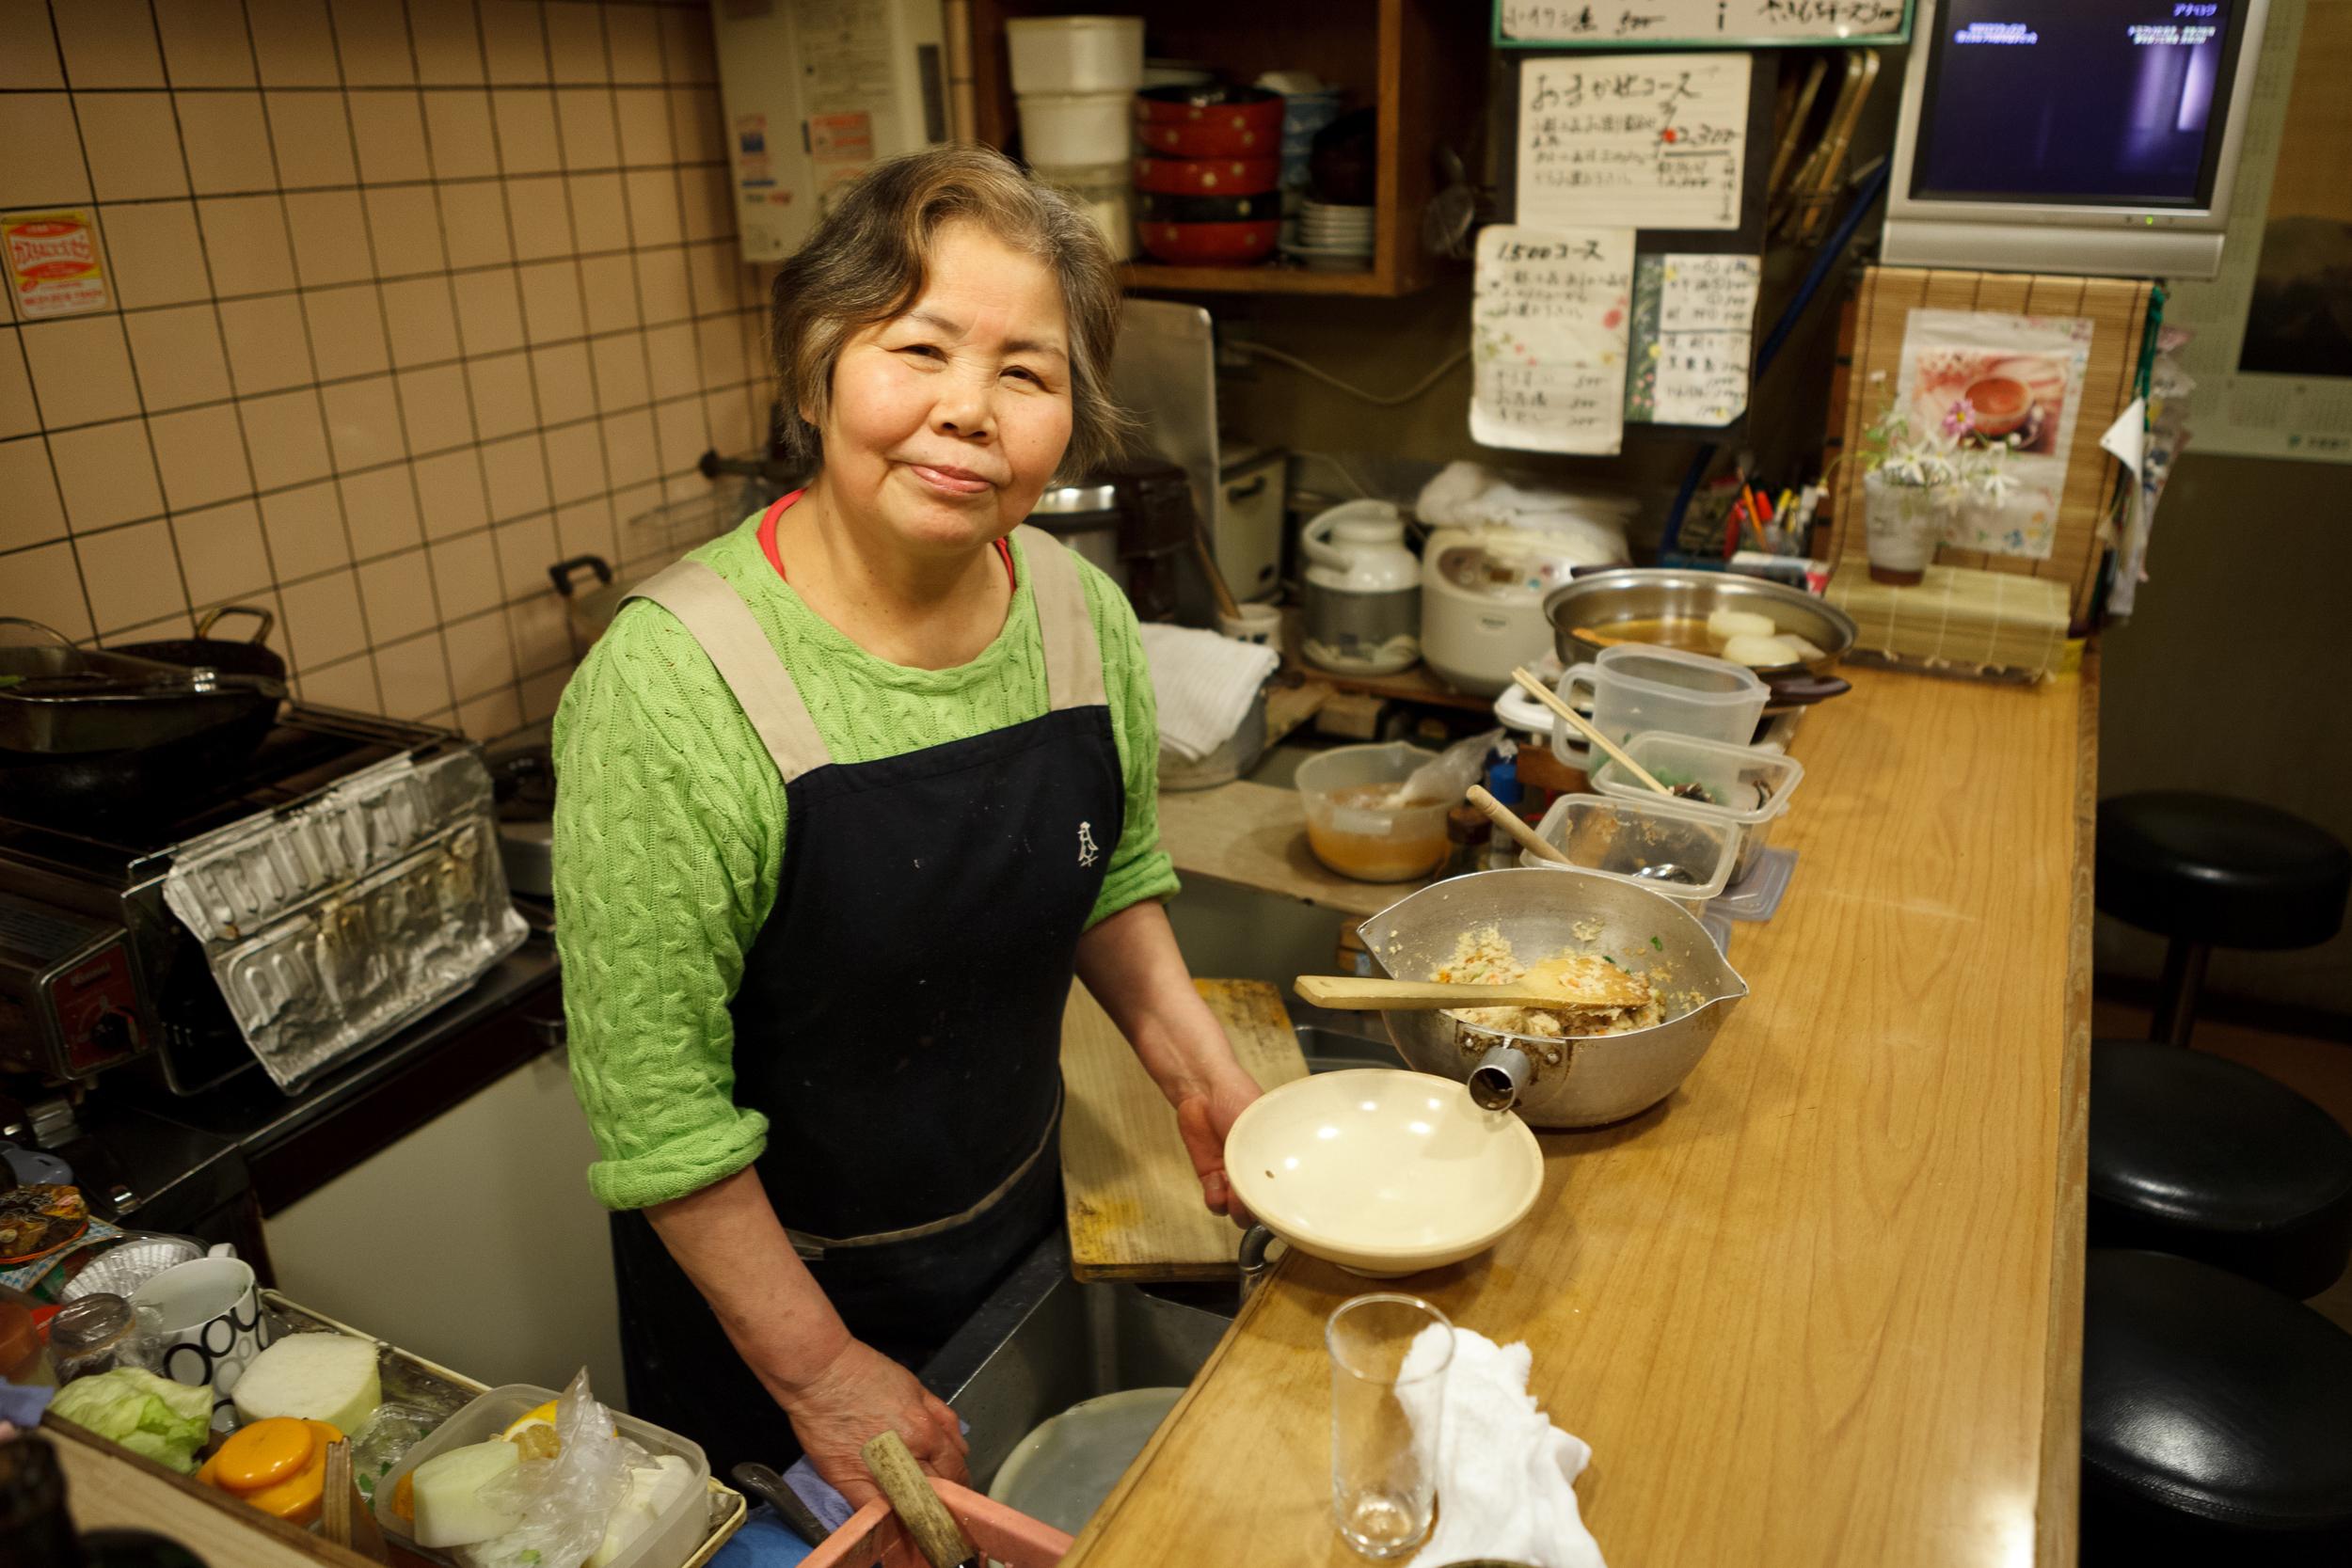 京の居酒屋ちか -Kyo No Izakaya Chika, March 24, 2011